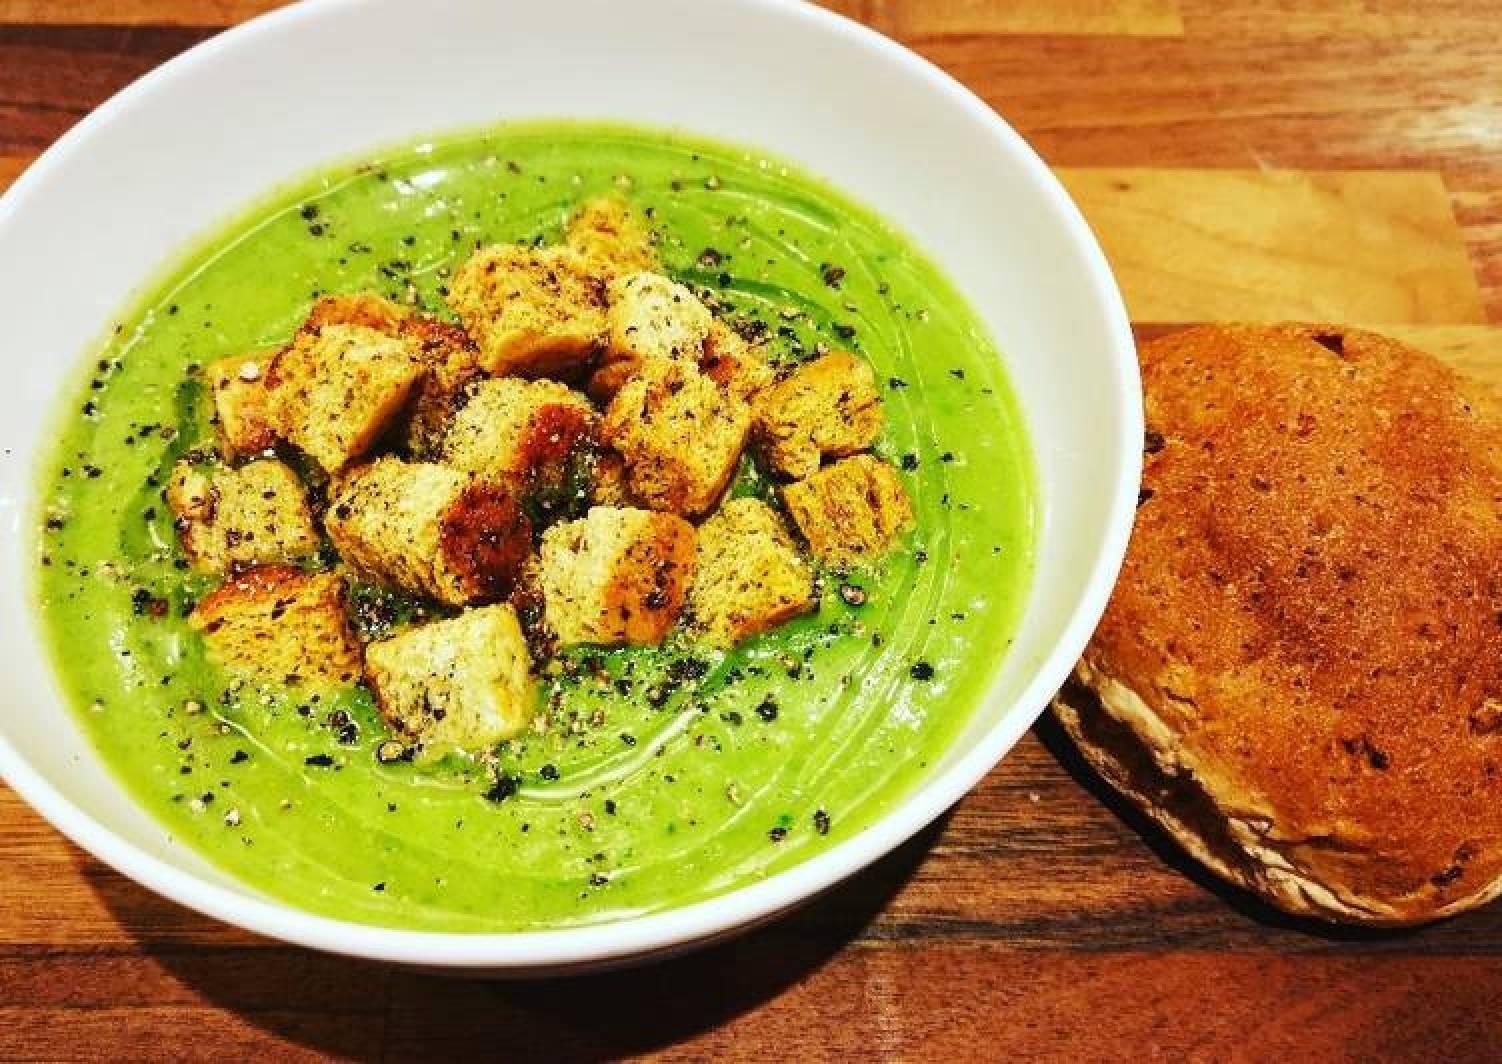 Potato, Leek & Kale Soup